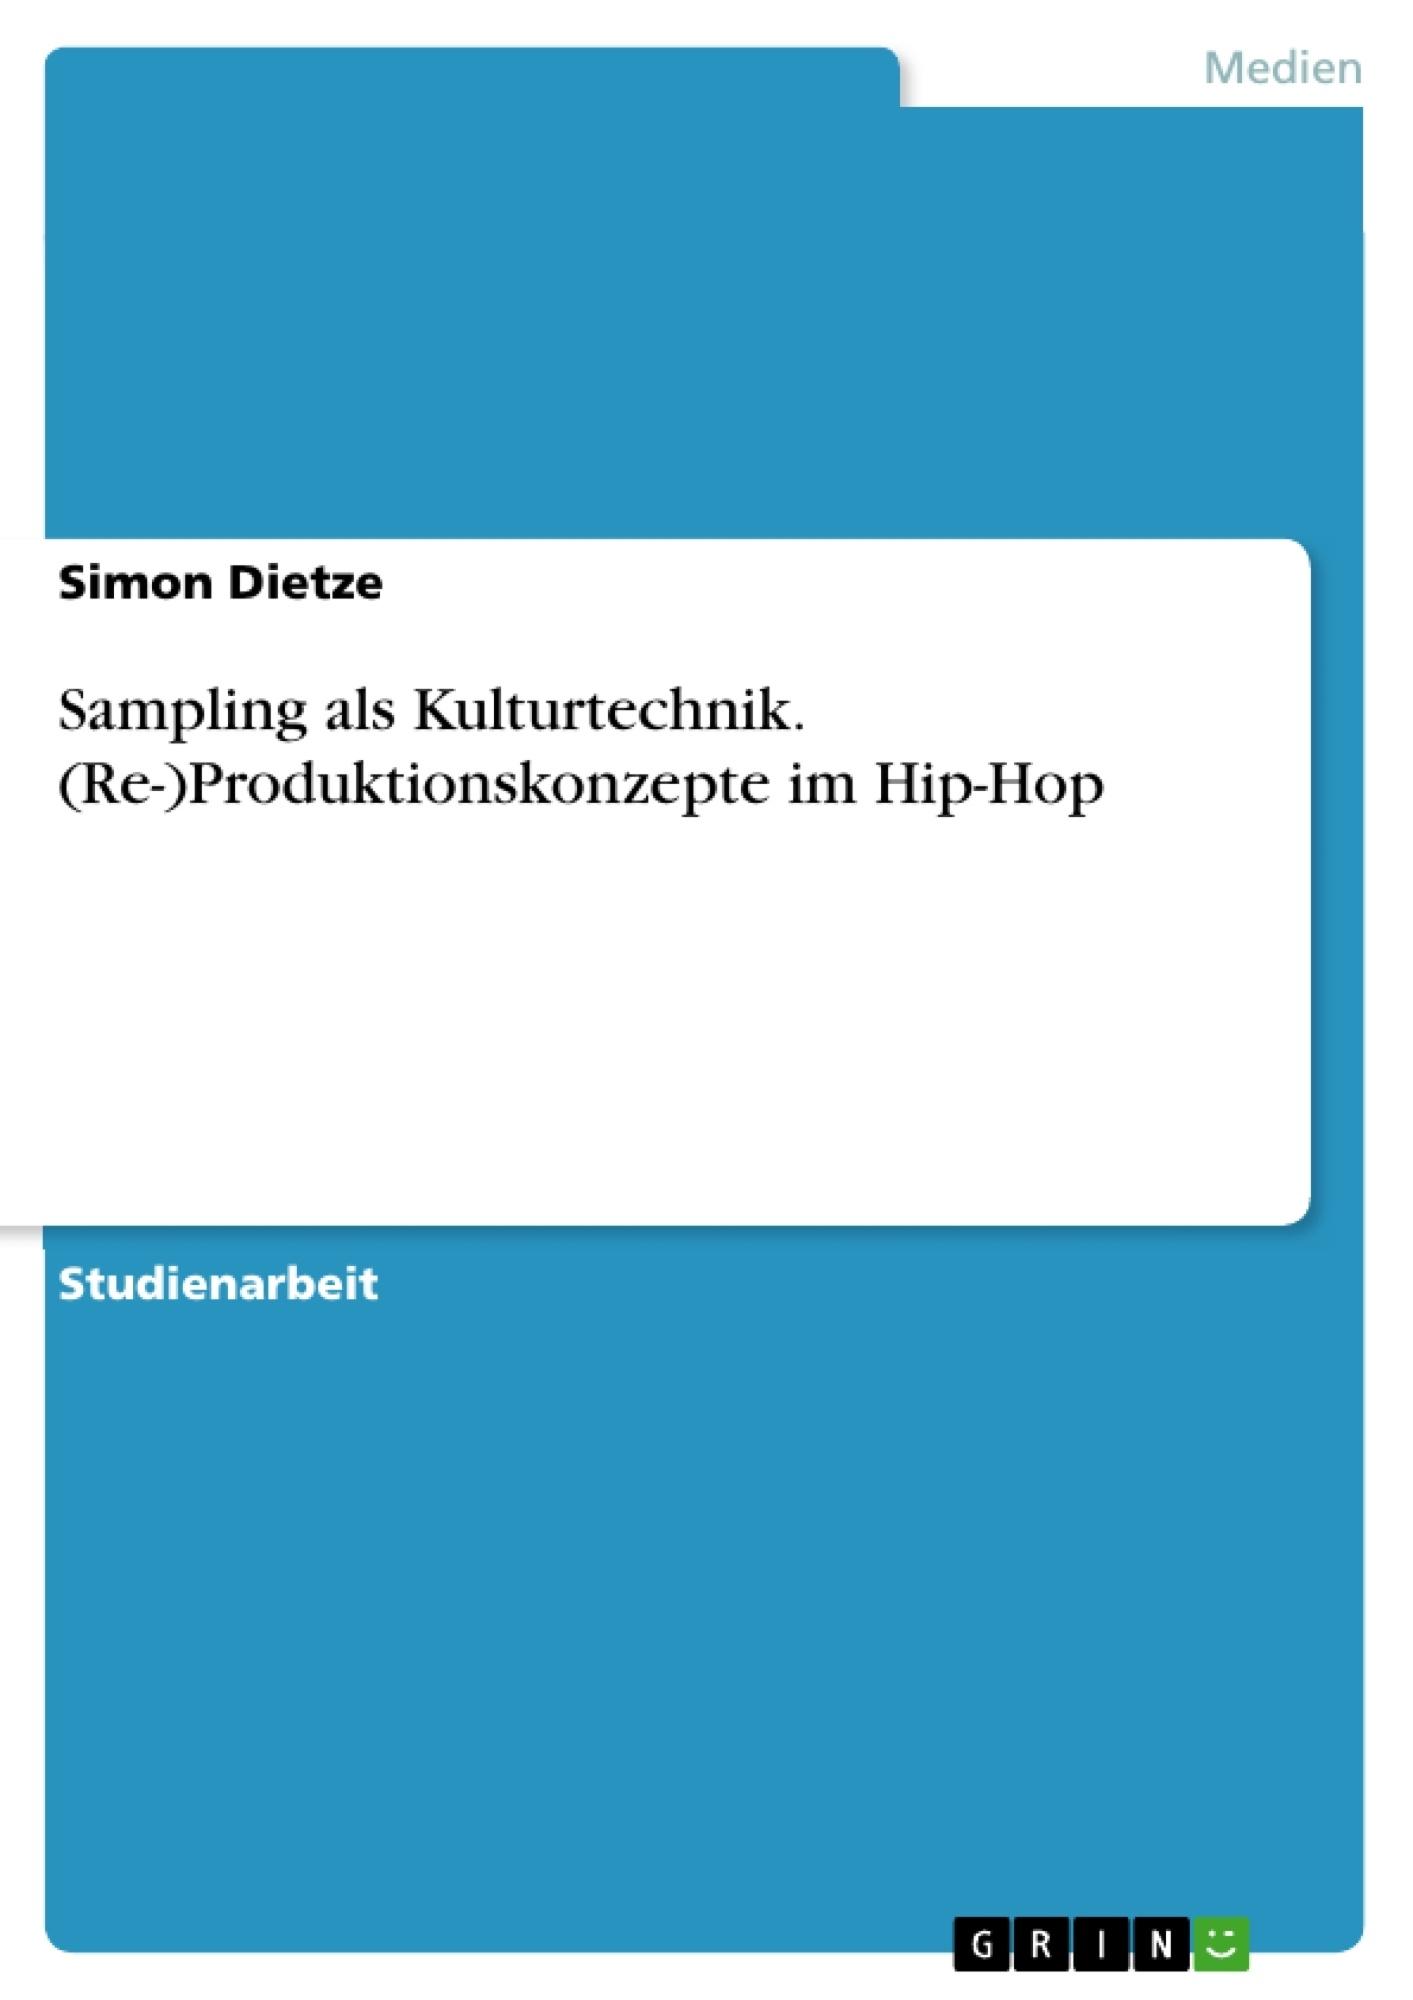 Titel: Sampling als Kulturtechnik. (Re-)Produktionskonzepte im Hip-Hop